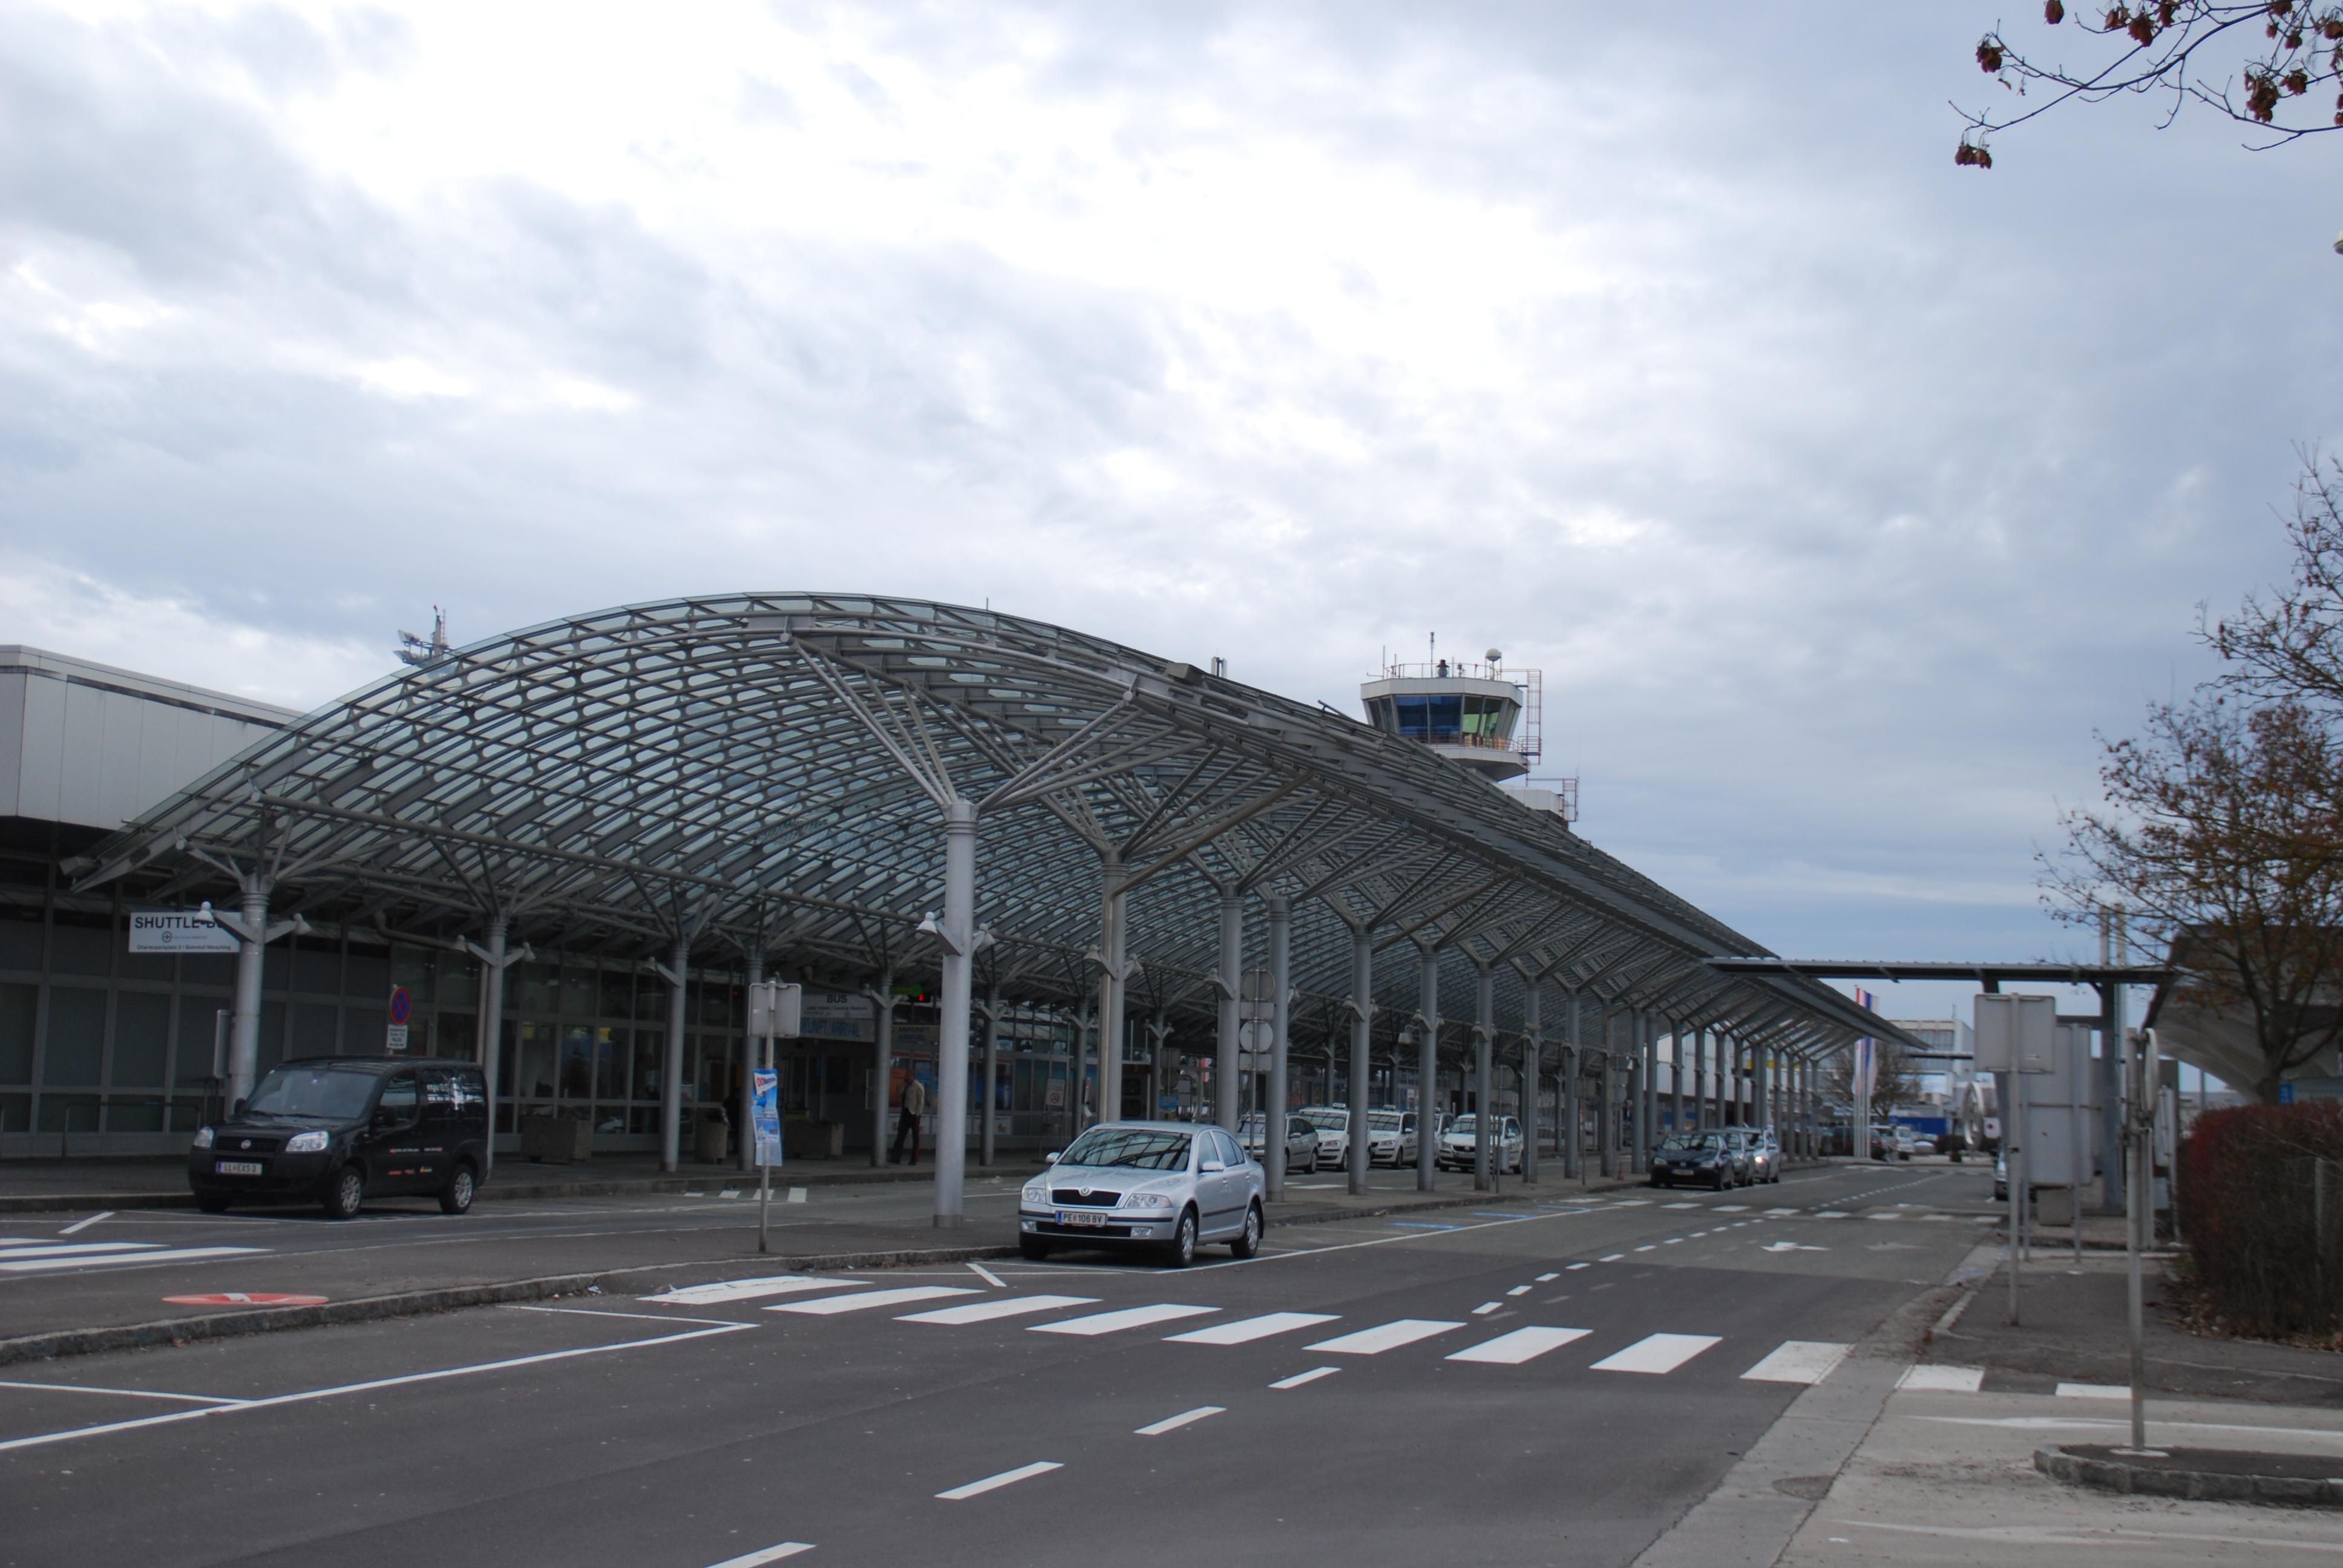 Letališče Linz